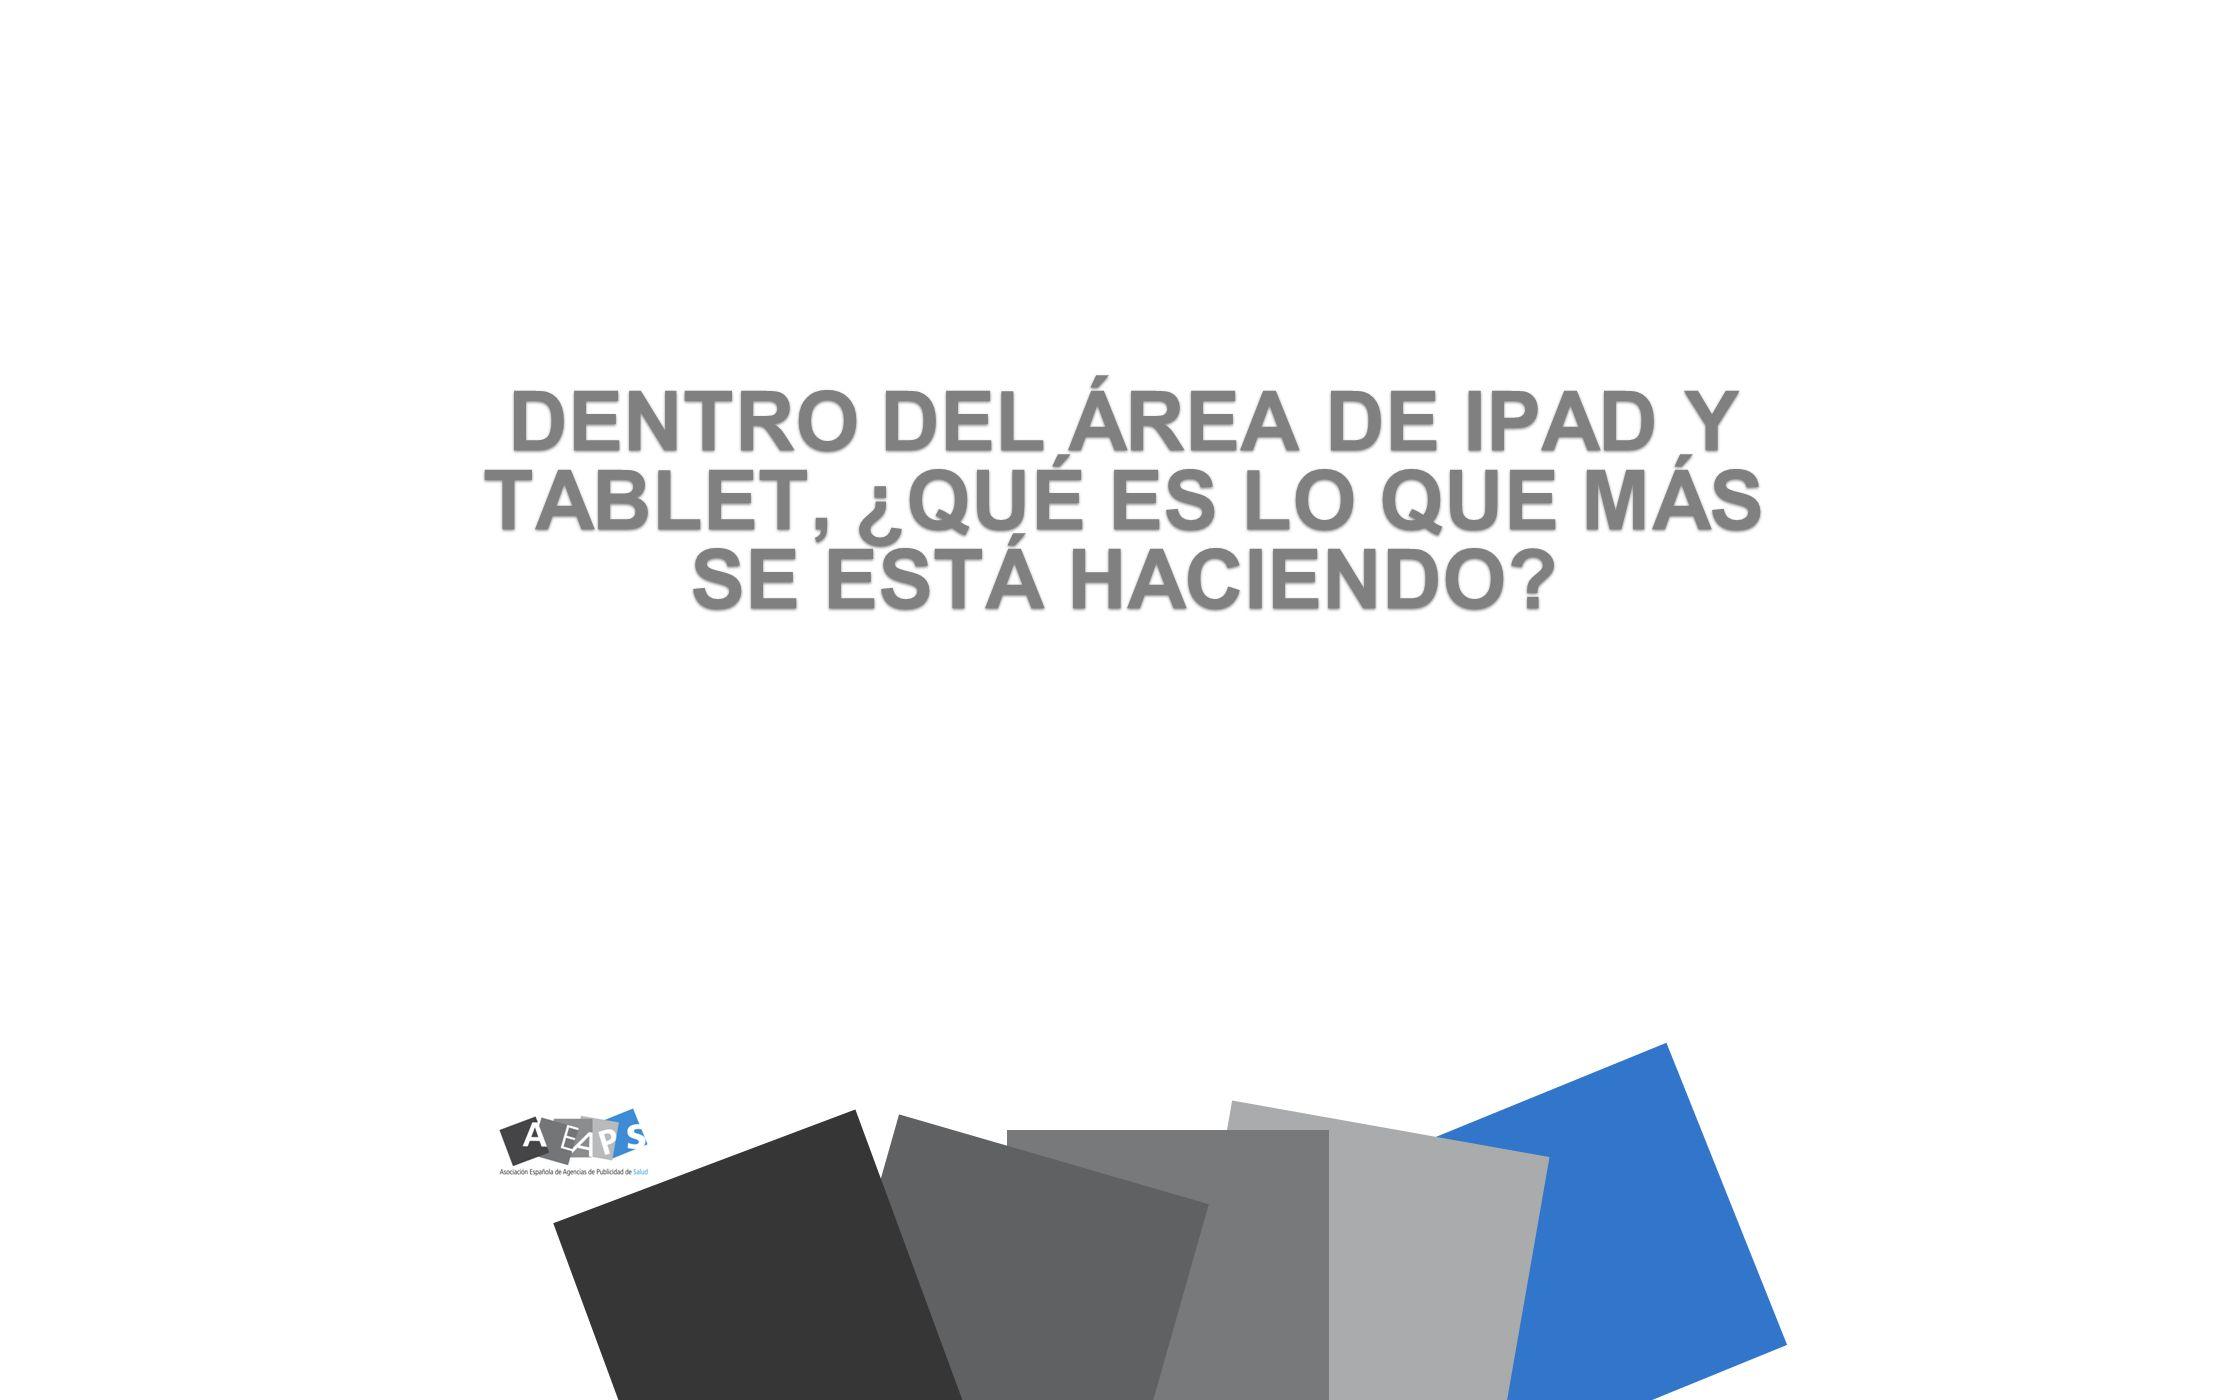 EL VISUAL AID DE VISITA MÉDICA ES EL MAYOR APARTADO (33,5 %) LOS APARTADOS QUE LE SIGUEN EN IMPORTANCIA, DENTRO DEL ÁREA IPAD, SON CLM DE VISITA MÉDICA (22,4%), TRANSCRIPCIÓN DE PDF (14,1%) Y VISUAL-AID DE FORMACIÓN MÉDICA (8,8%)